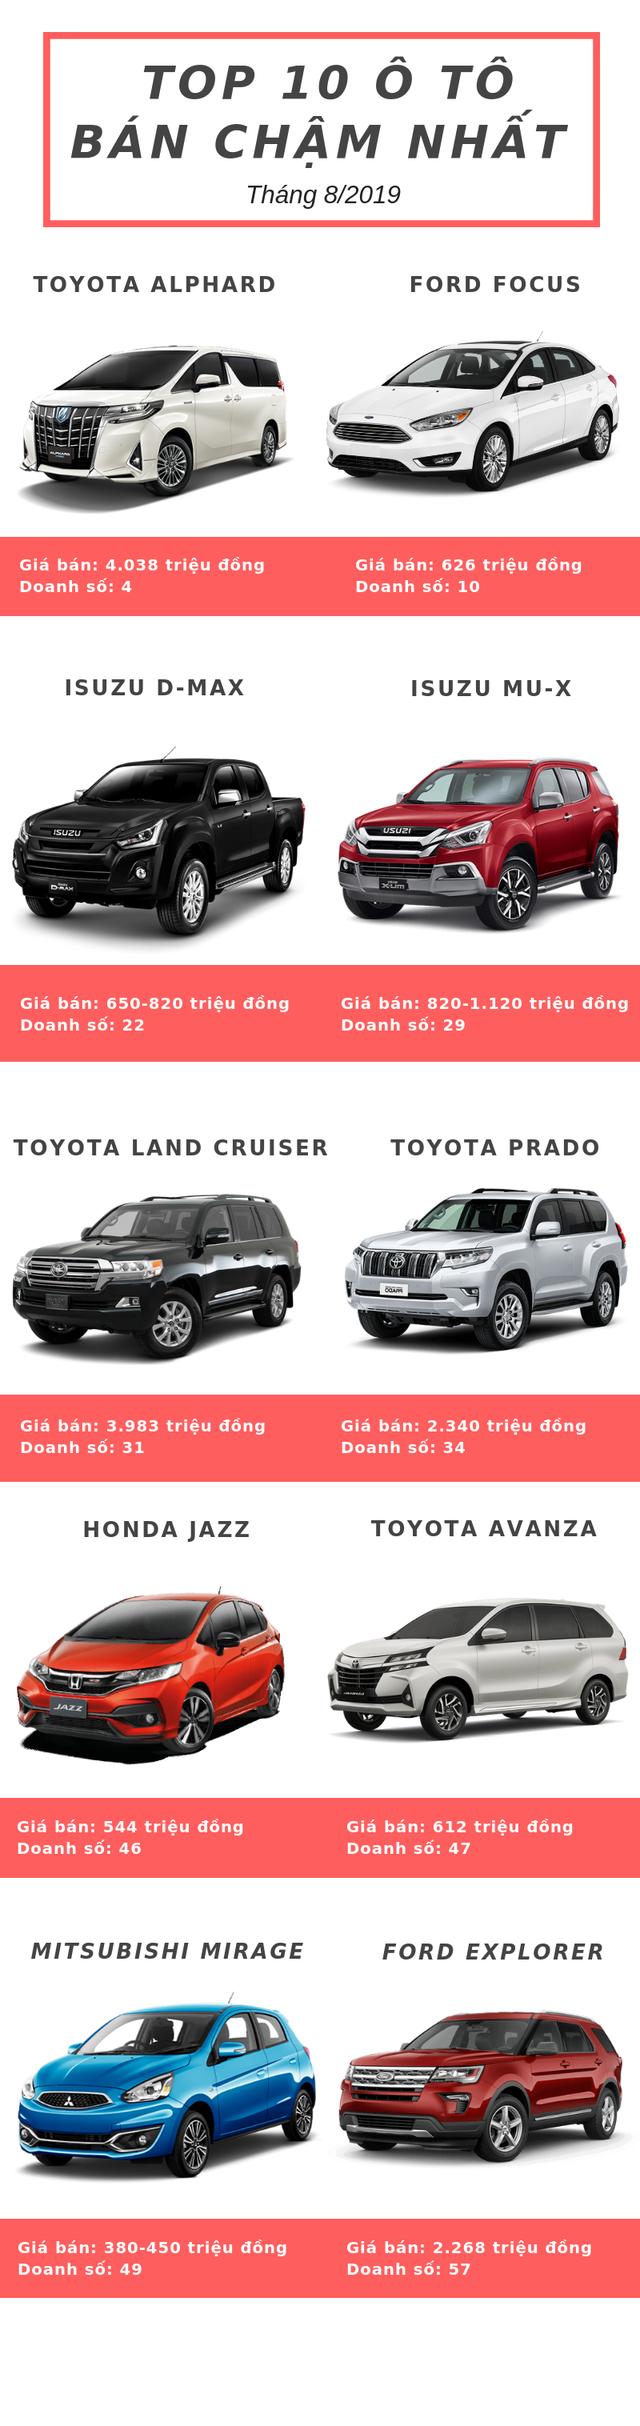 Top 10 ô tô bán chậm nhất tháng 8/2019: Toyota góp mặt 4 mẫu xe, thêm nhân tố mới xuất hiện - Ảnh 1.